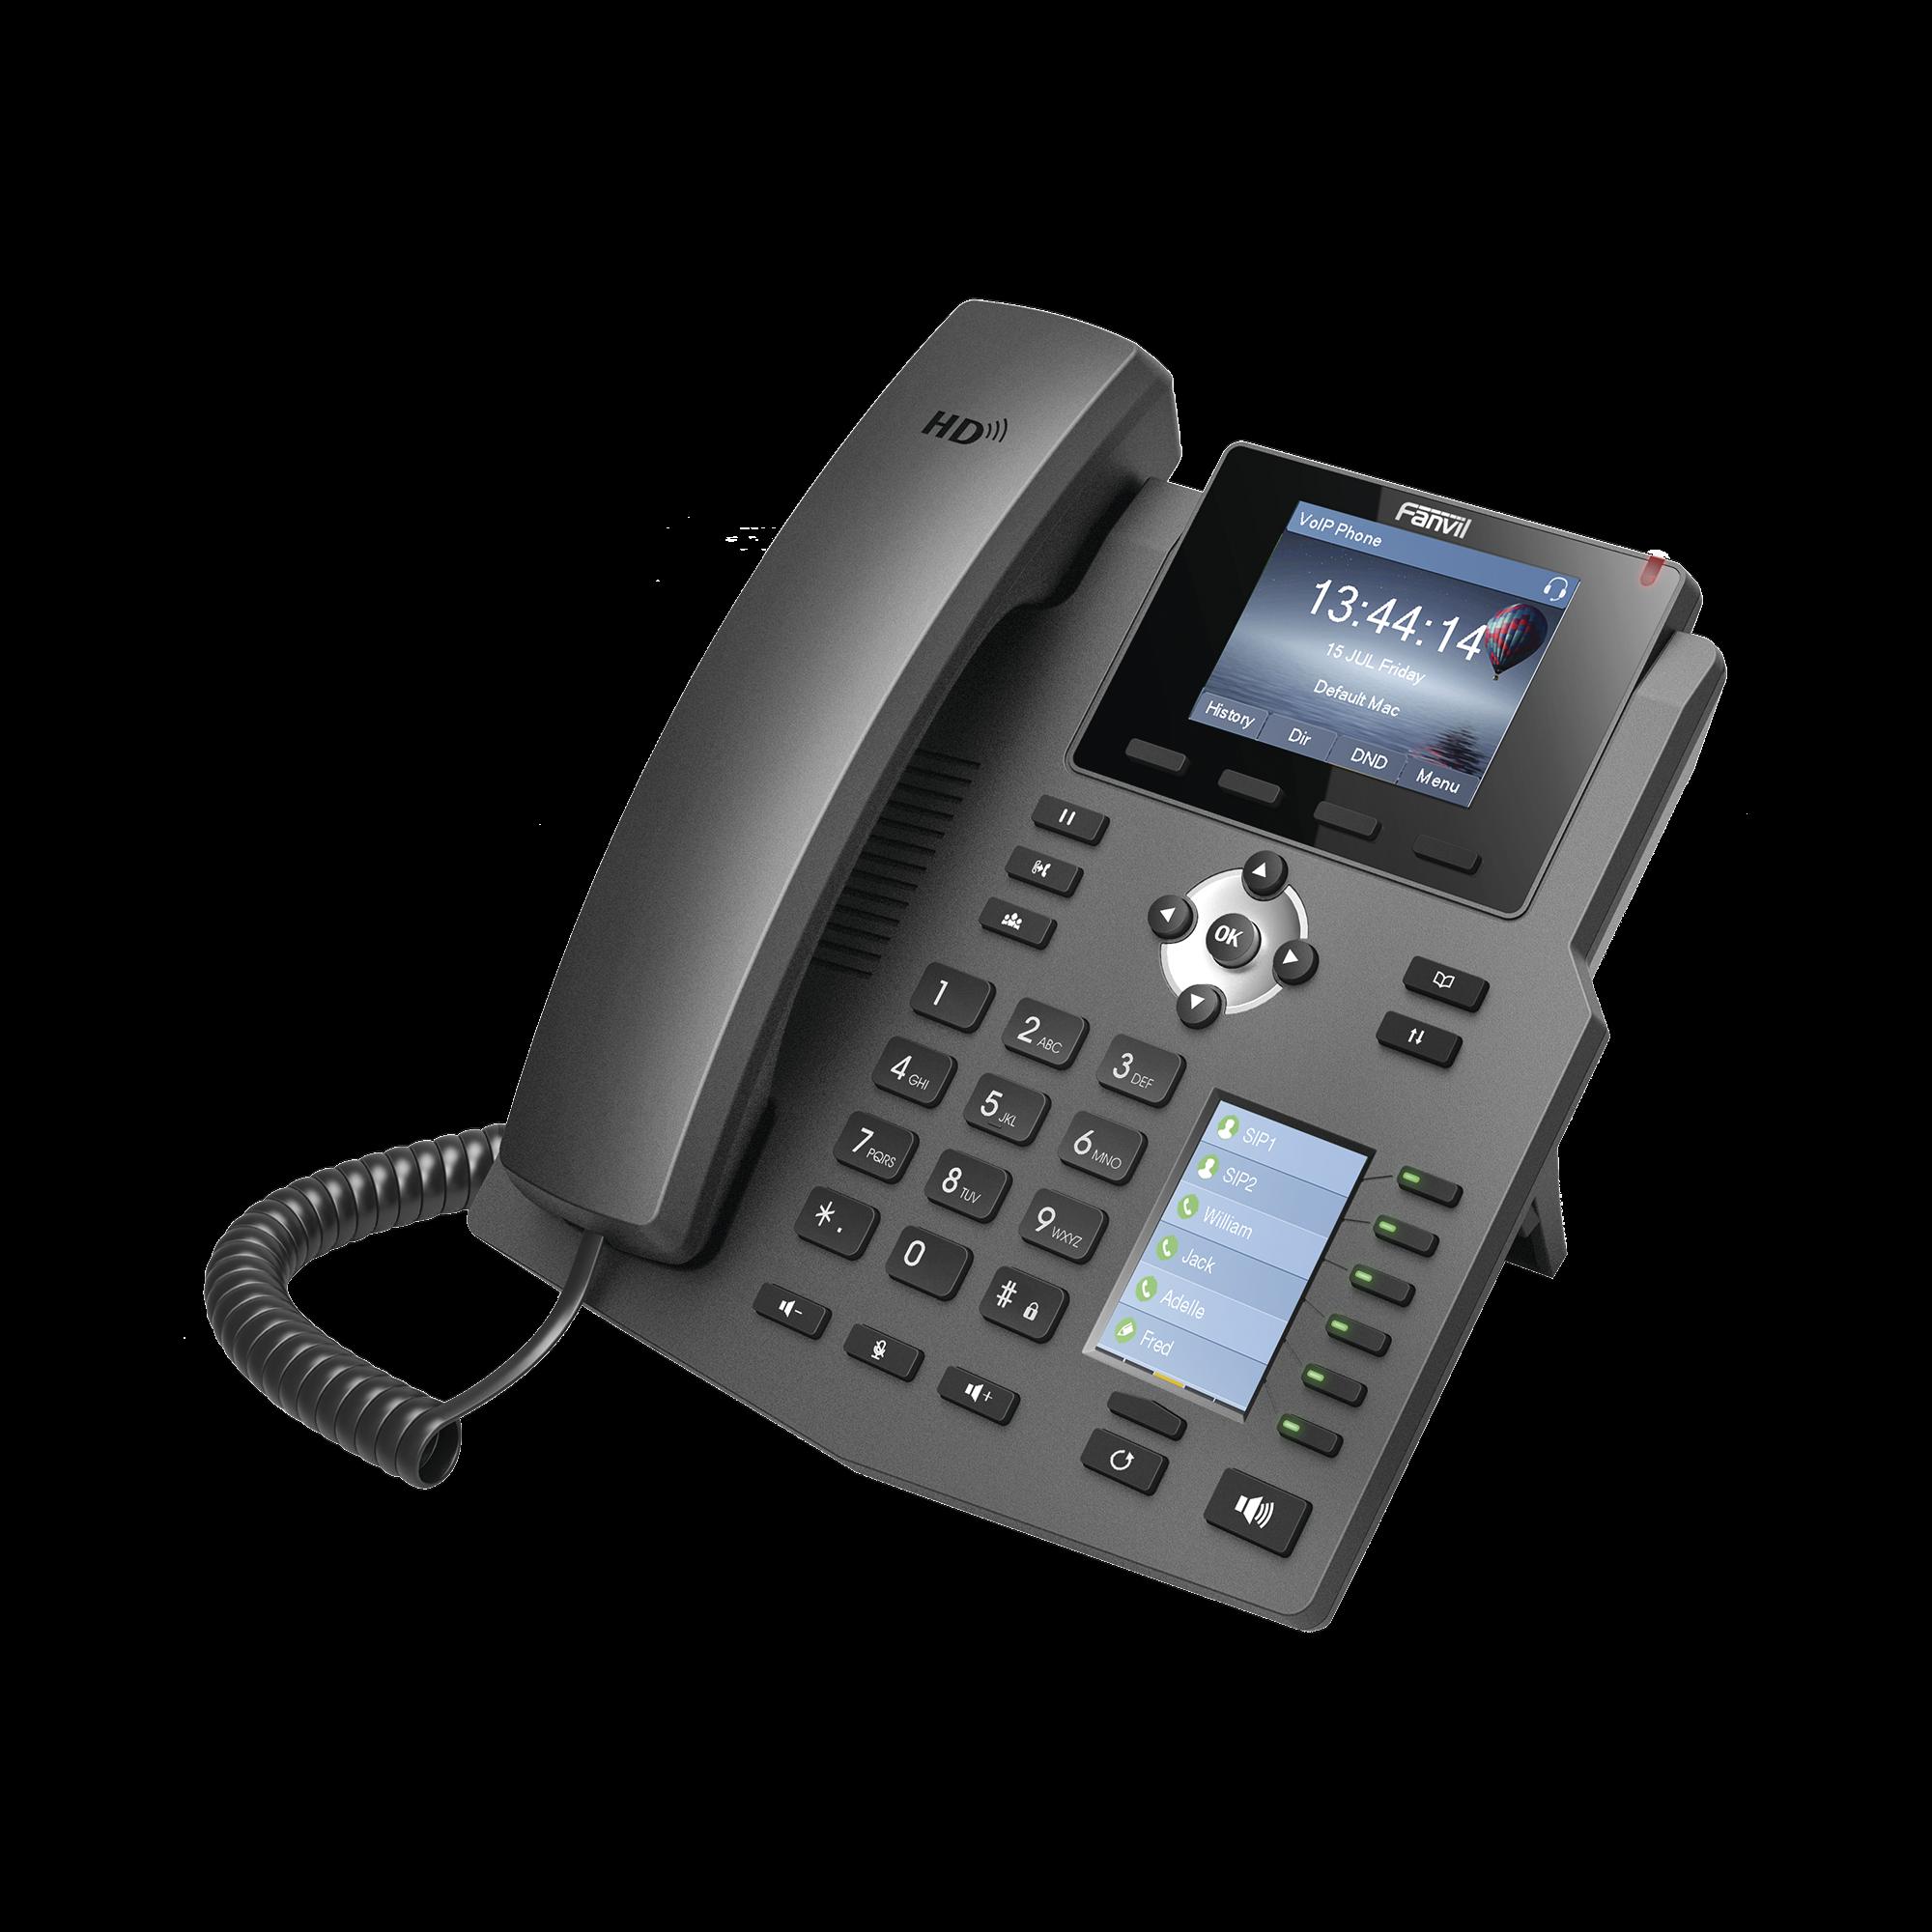 Teléfono IP empresarial para 4 líneas SIP con 2 pantallas LCD, 6 teclas BLF/DSS, conferencia de 3 vías, PoE